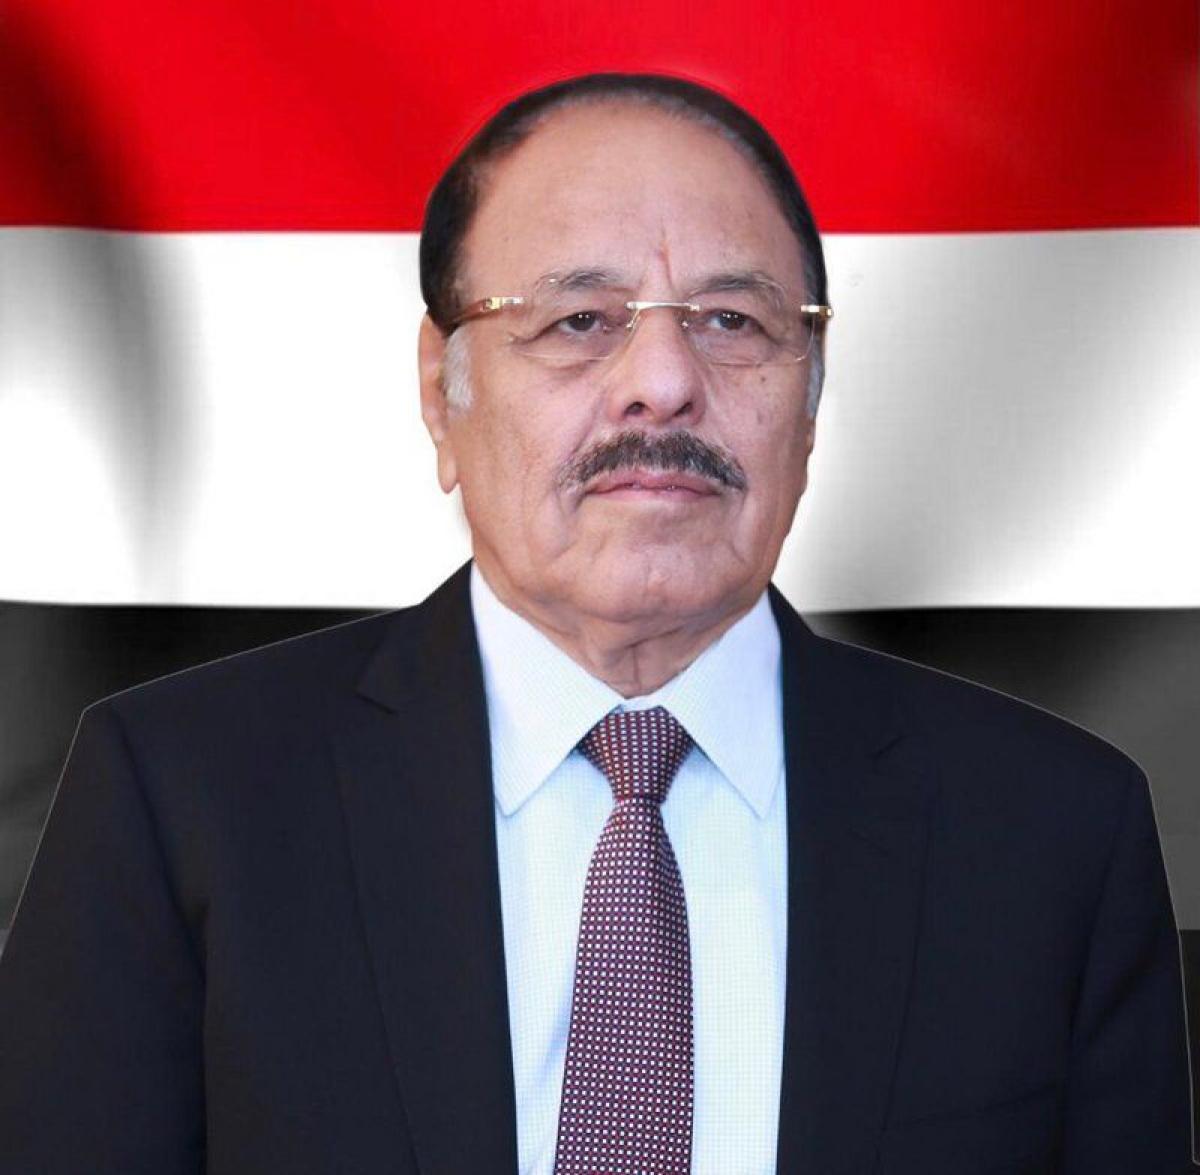 """نائب الرئيس اليمني يستنكر استهداف """"الحوثي"""" للأعيان المدنية في الس"""